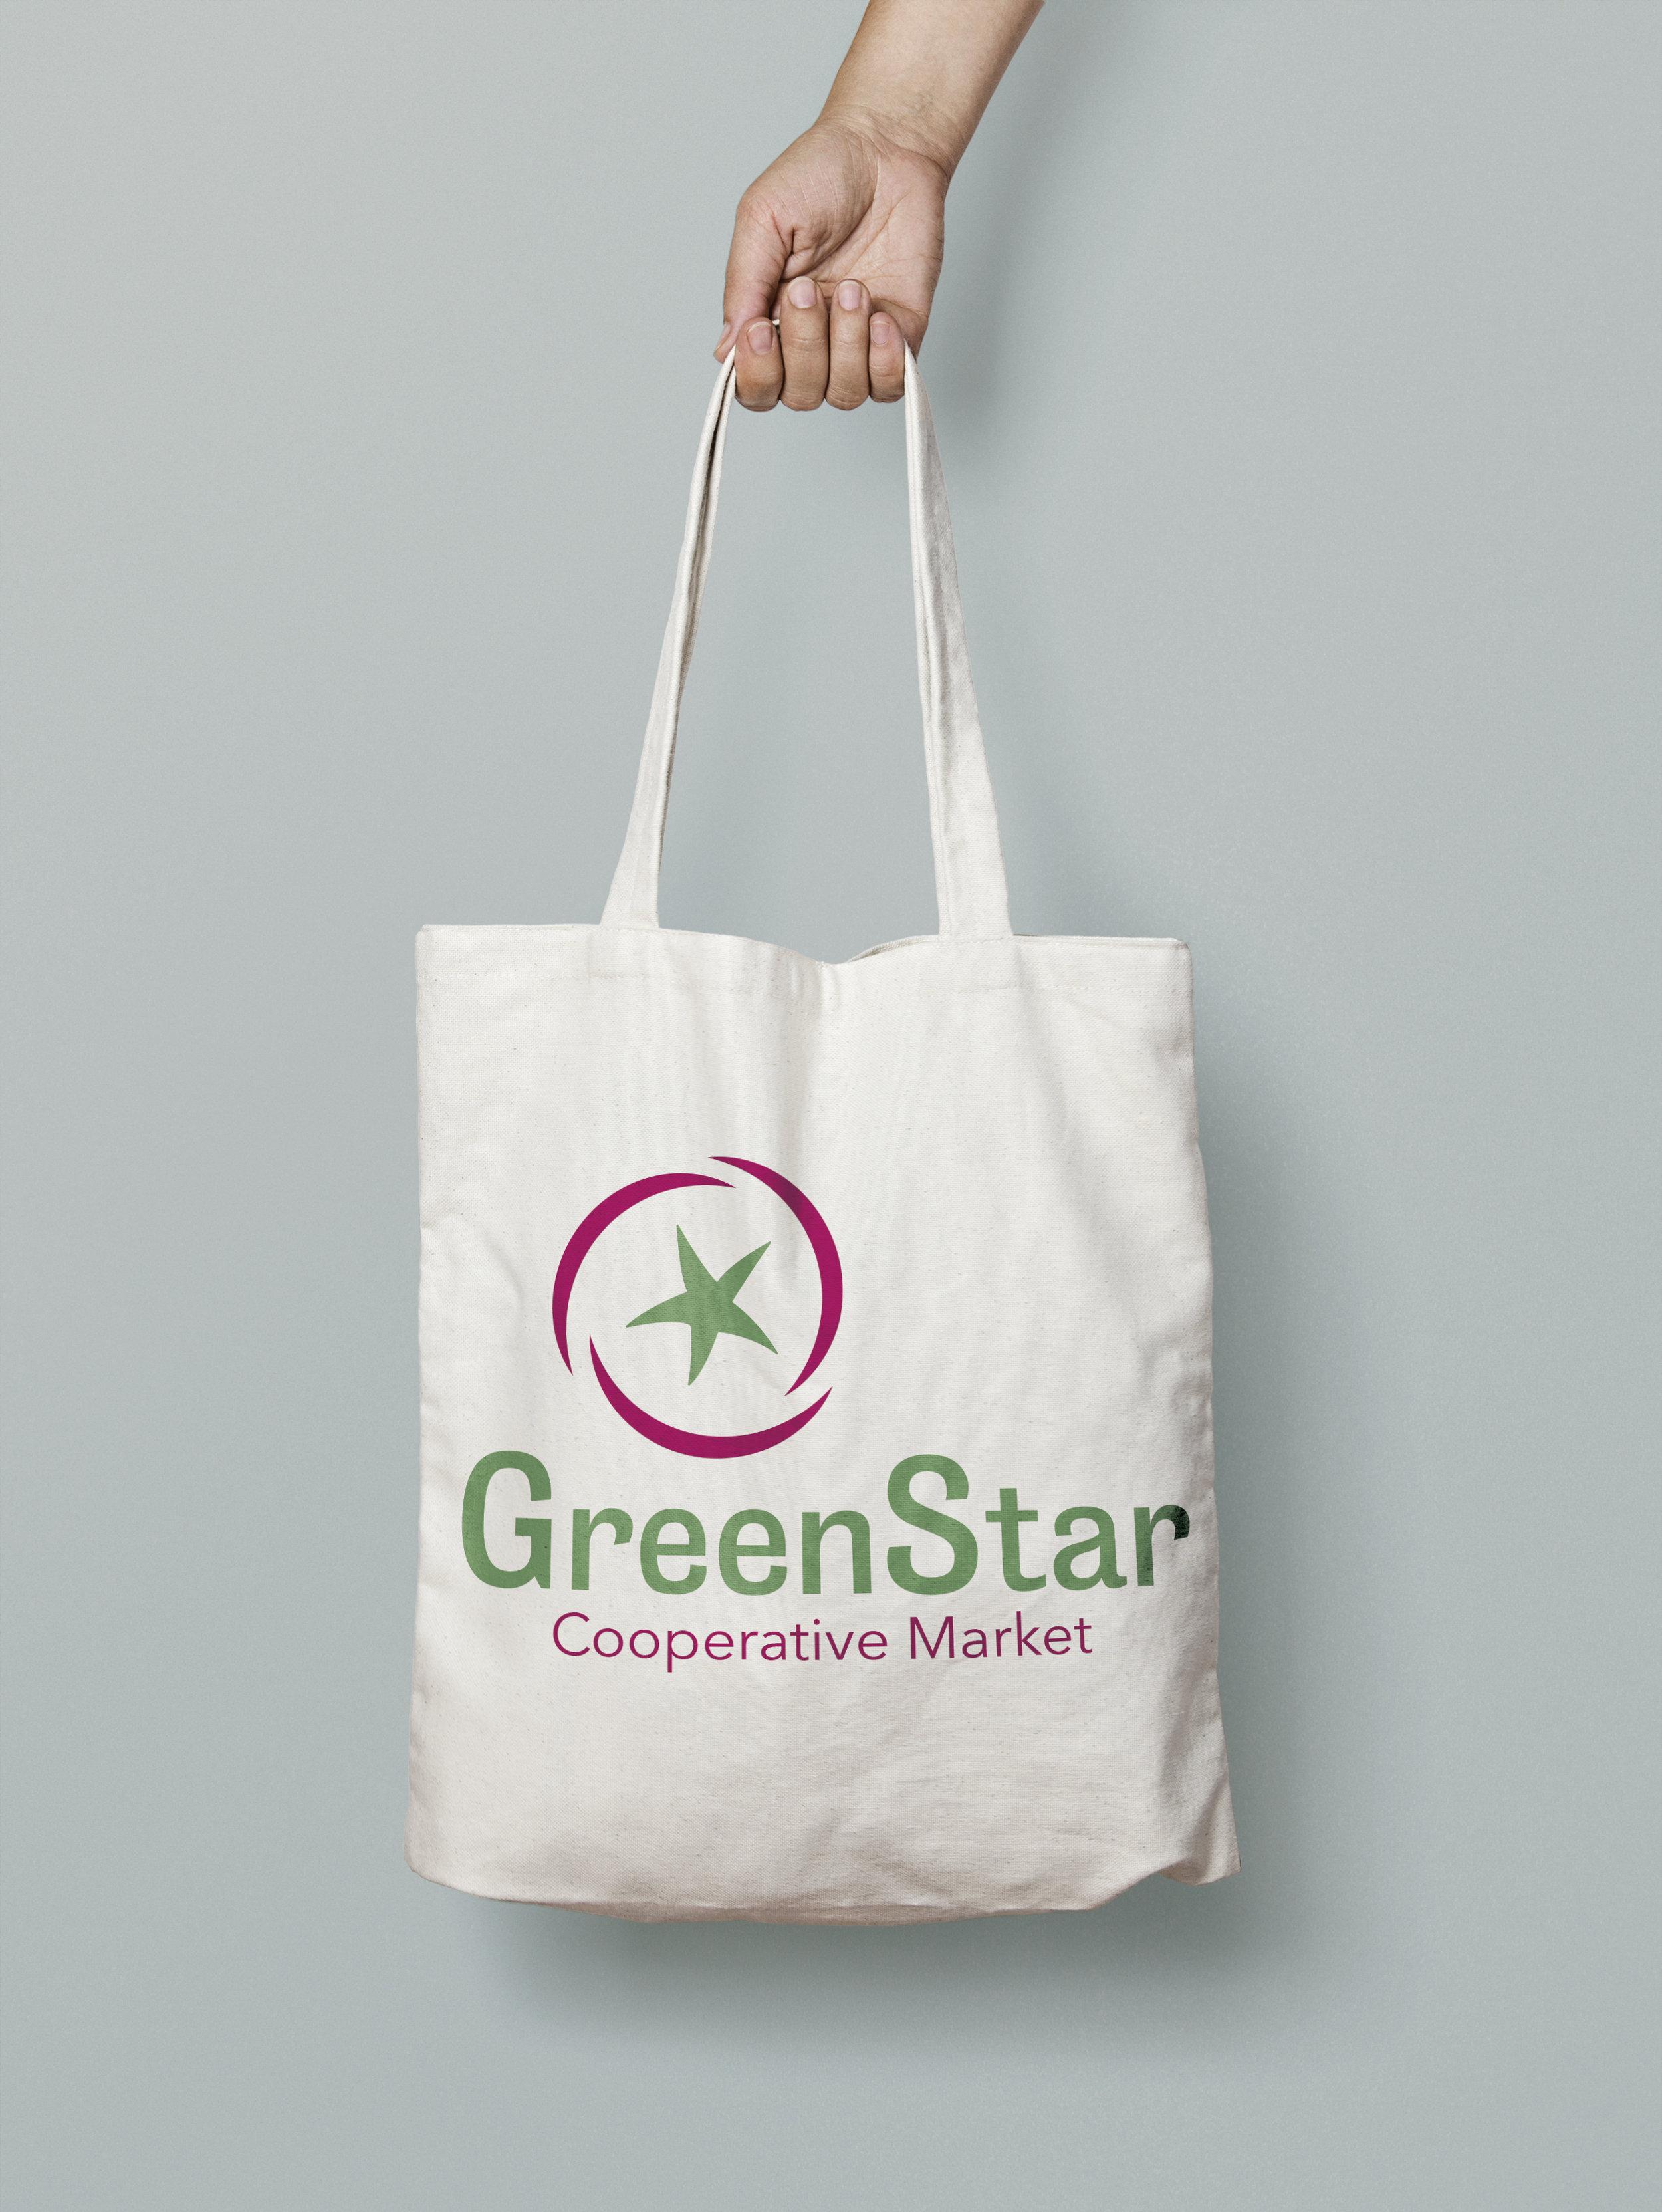 greenstar_revised_bag.jpg